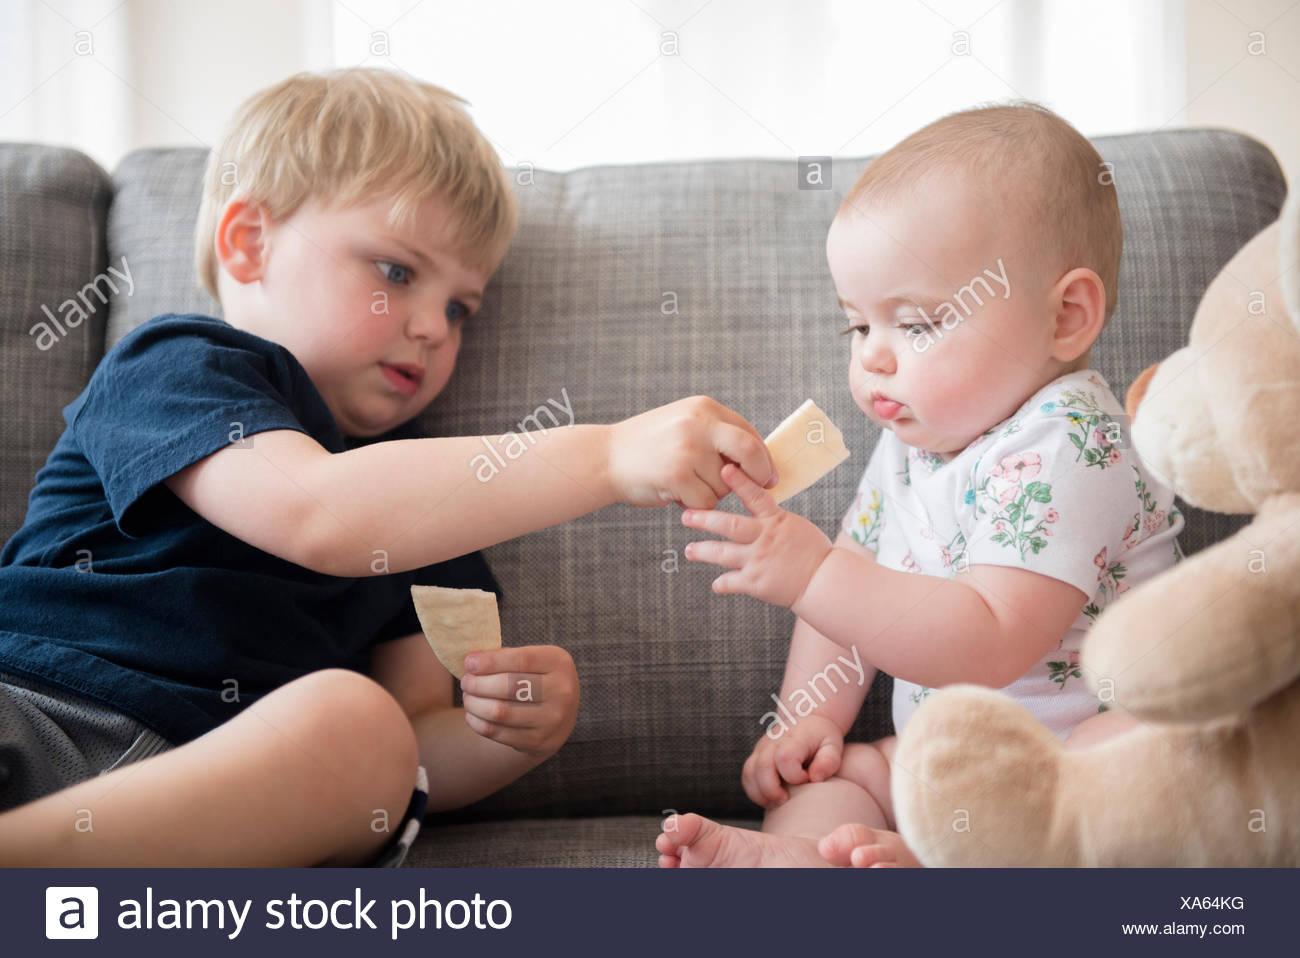 Frère (2-3) partage les craquelins avec petite sœur (12-17 mois) Photo Stock